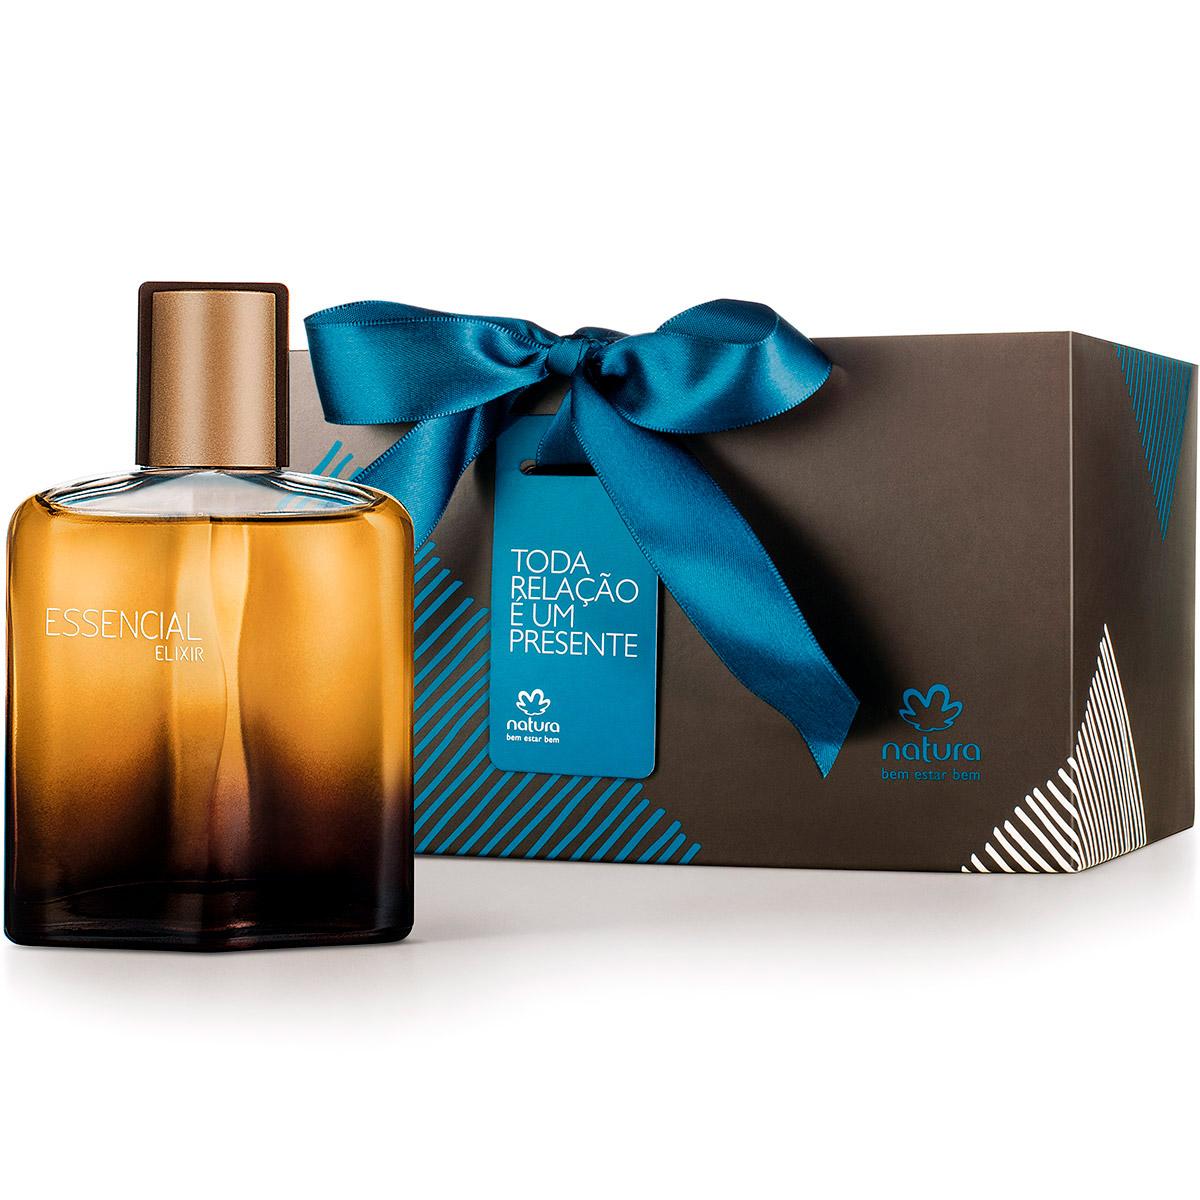 Presente Natura Essencial Elixir - 81666